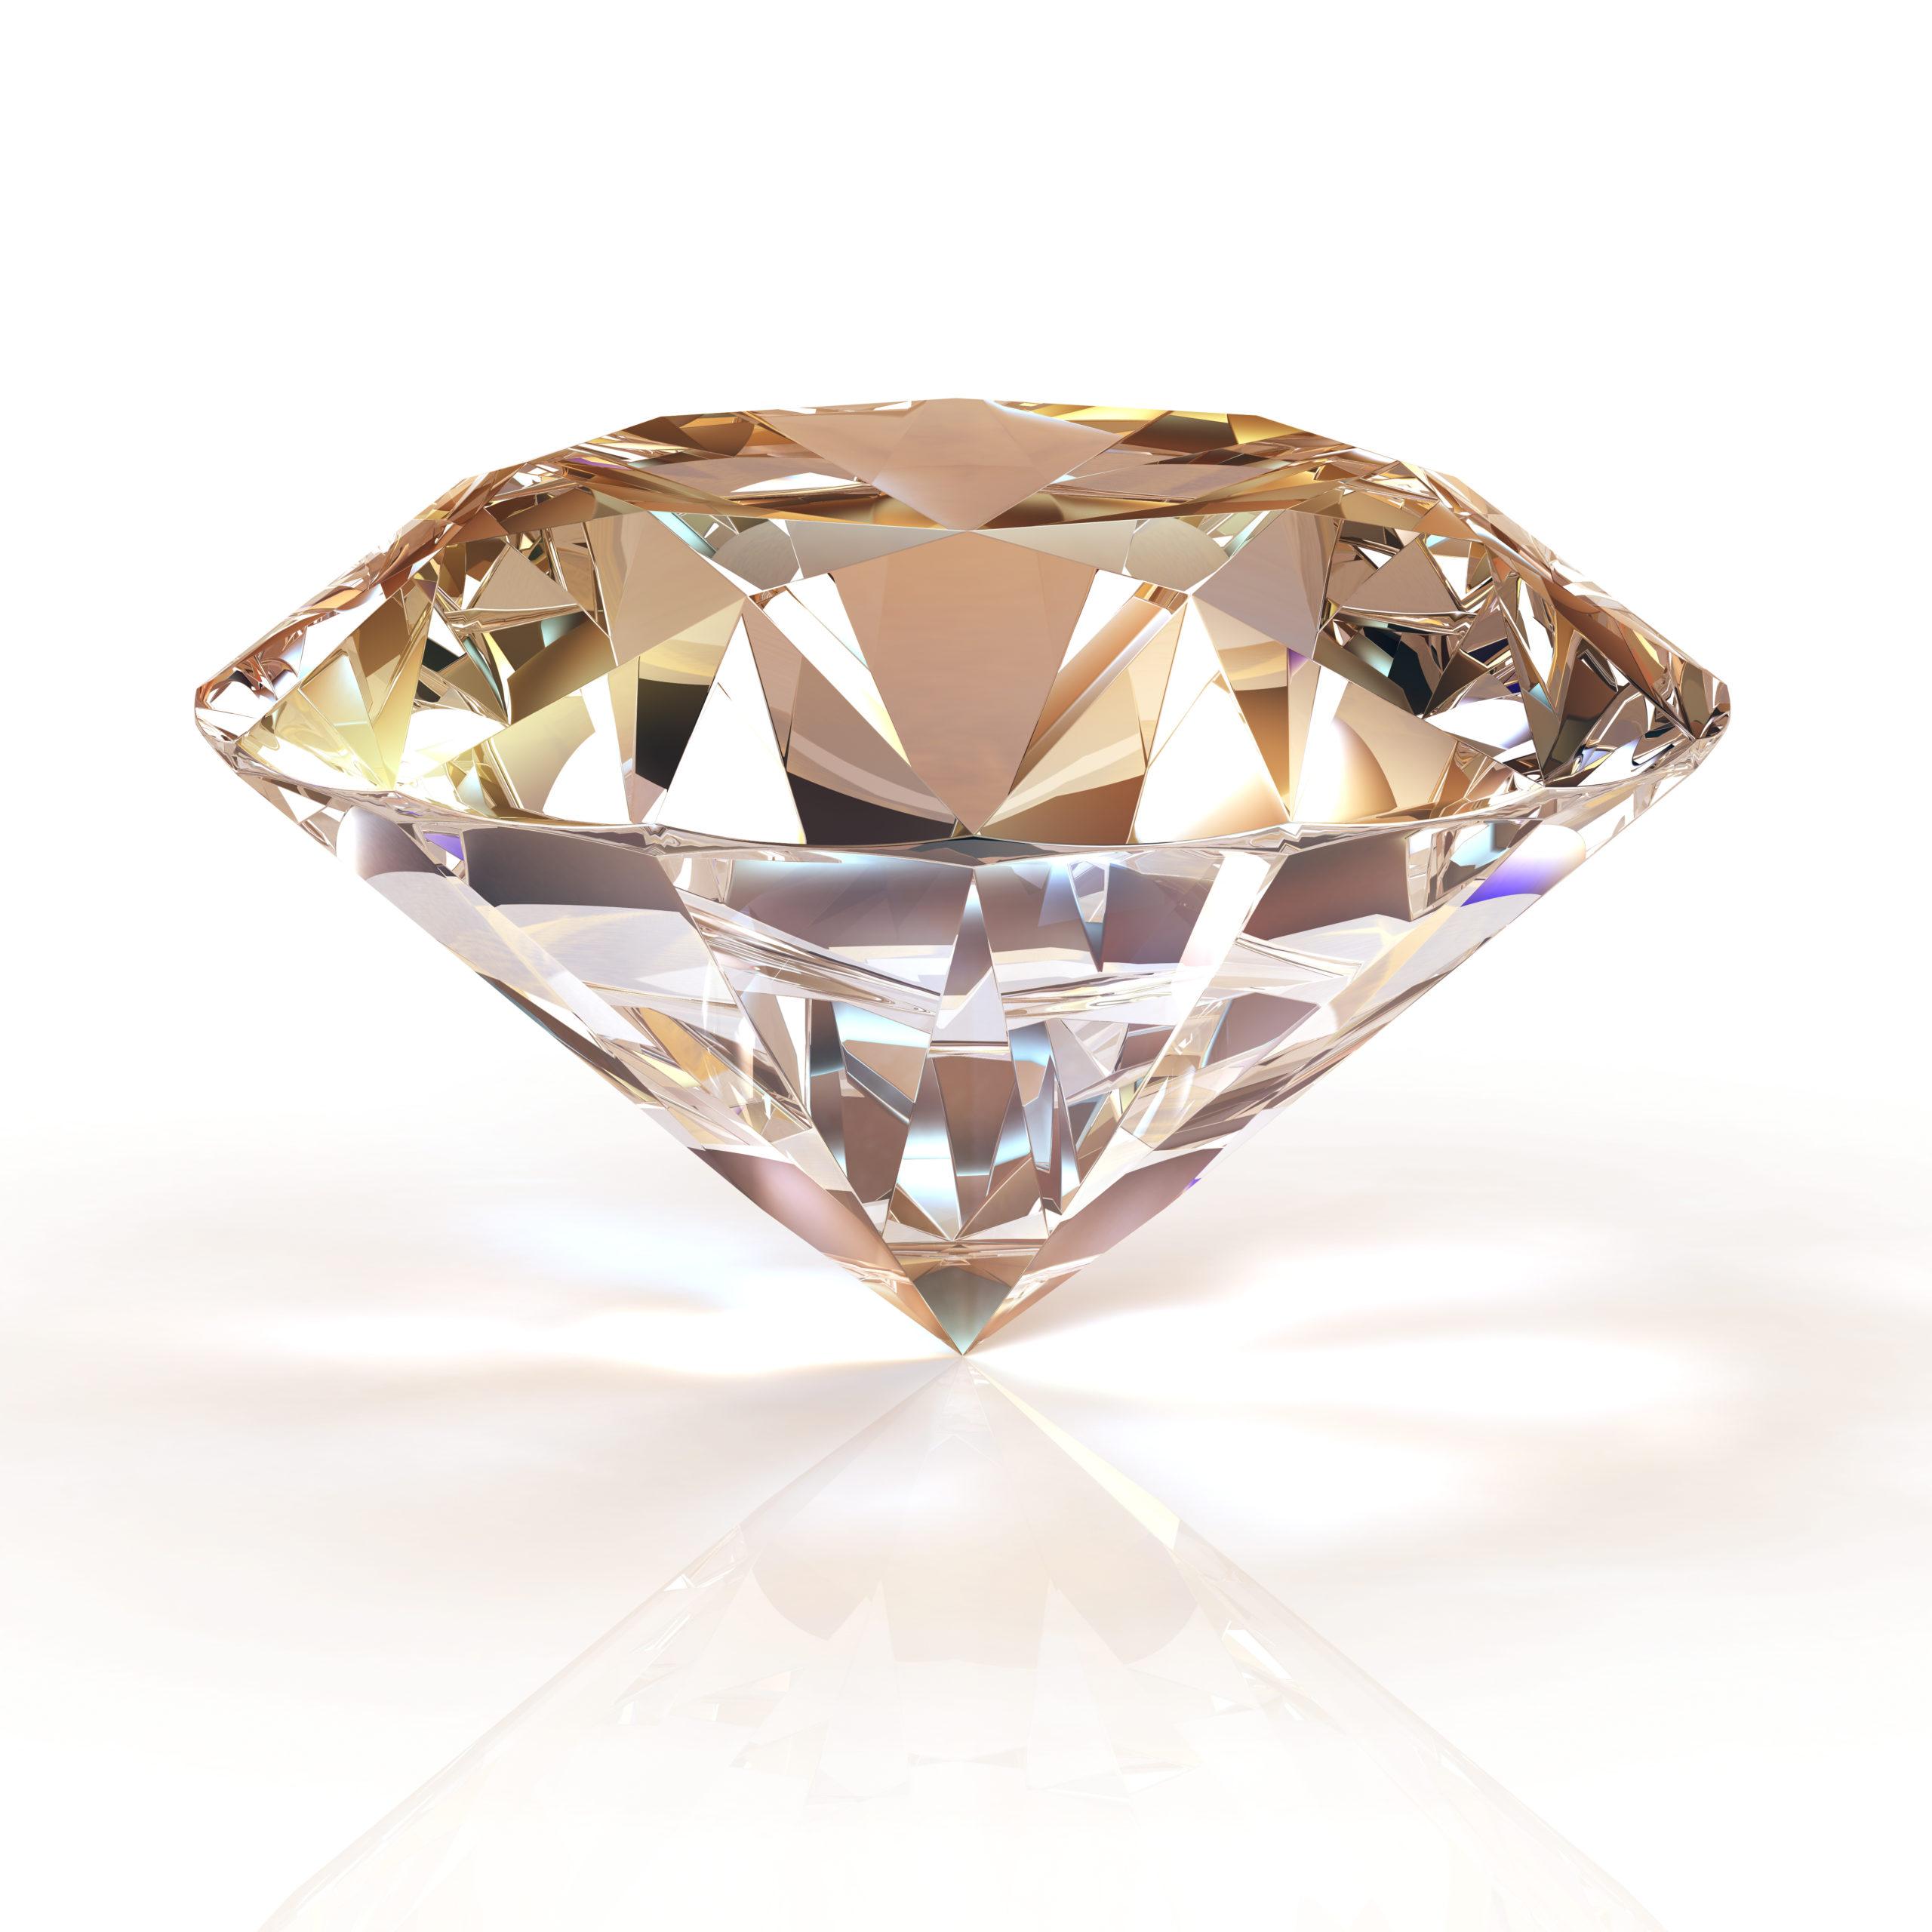 婚約指輪といえばダイヤモンド!ダイヤの選び方指南